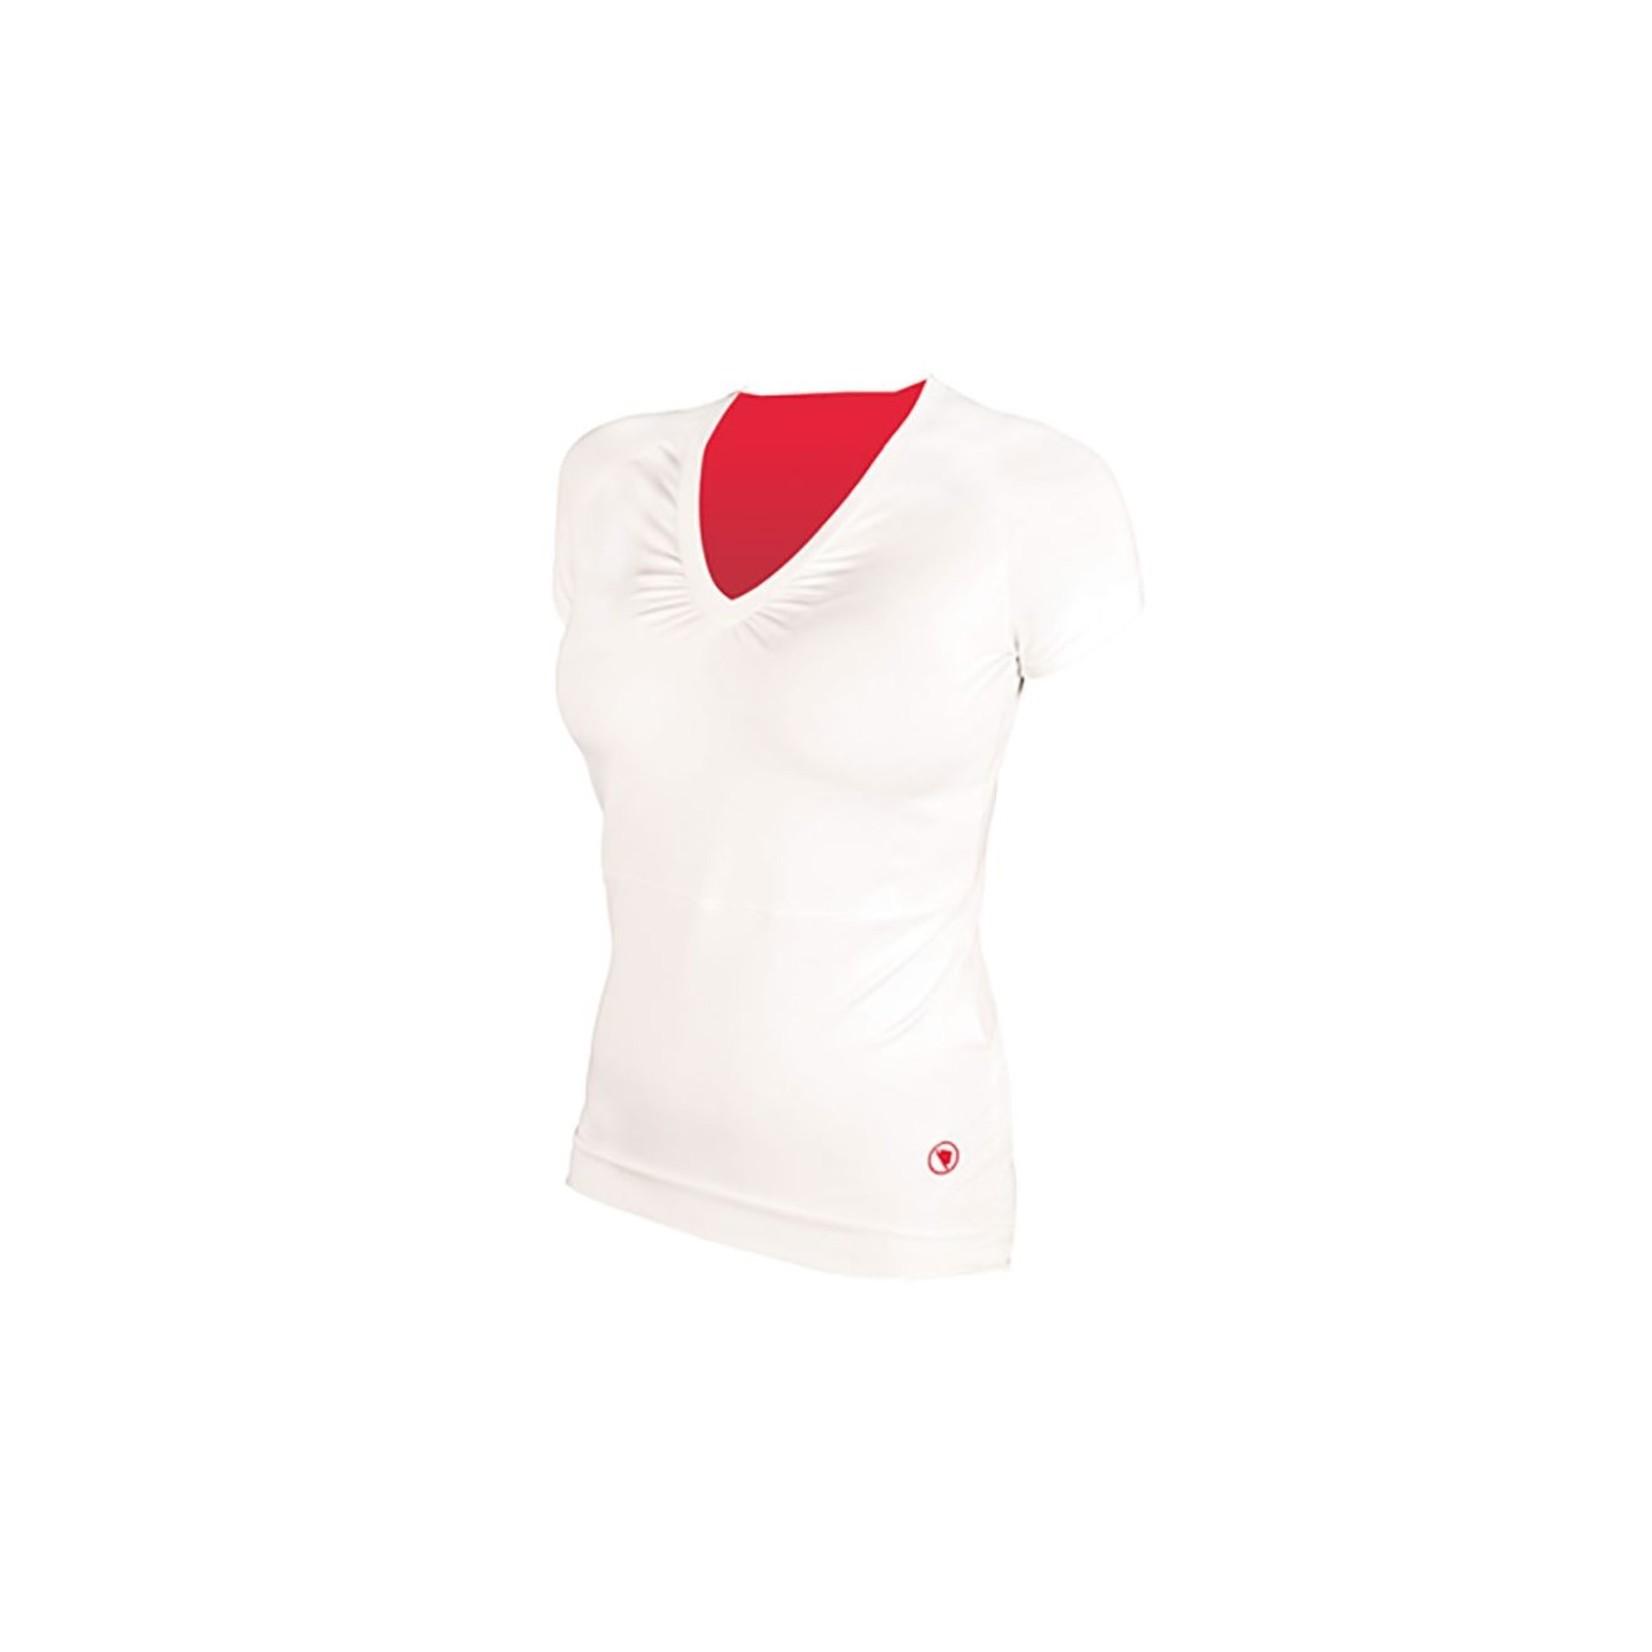 Endura Women's V Sport T-Shirt White Medium